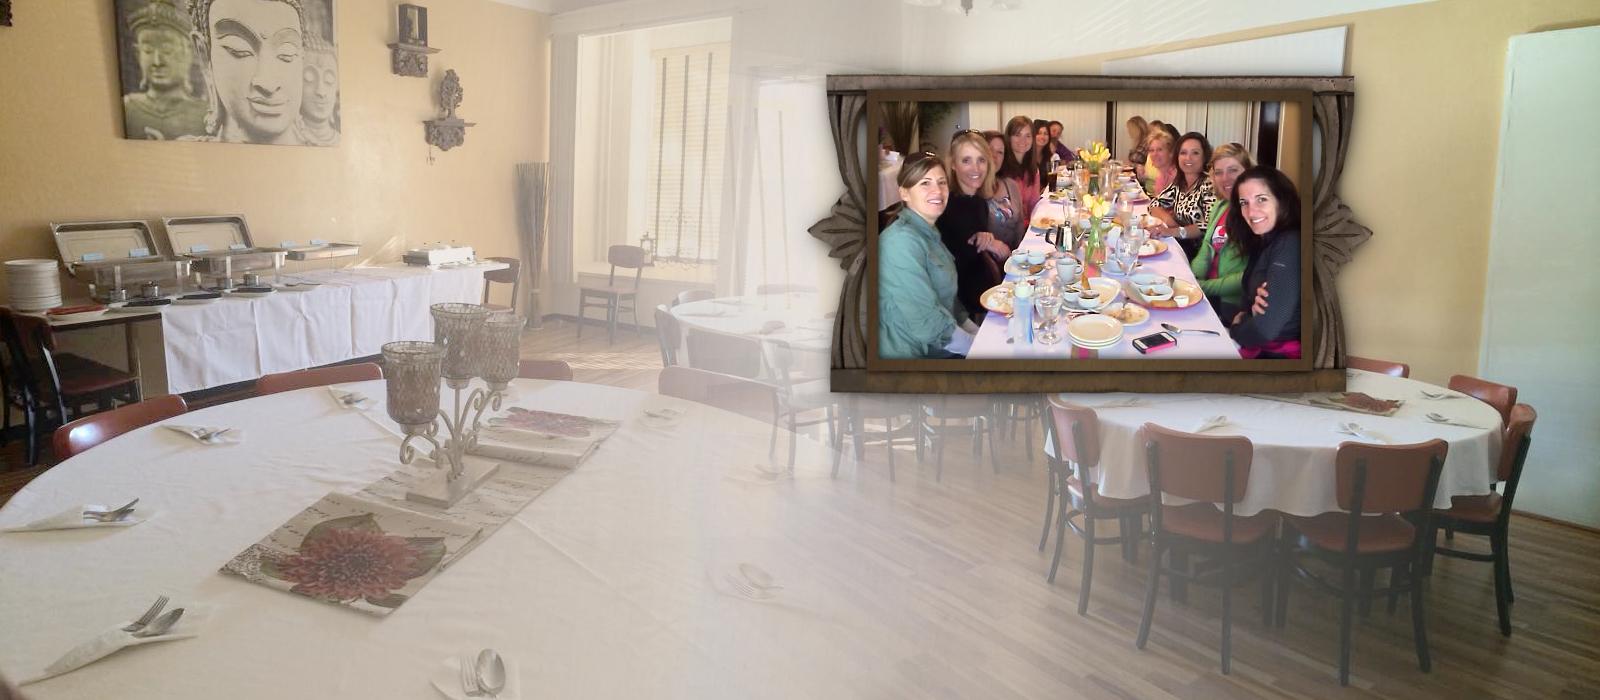 Slide Show - Banquette